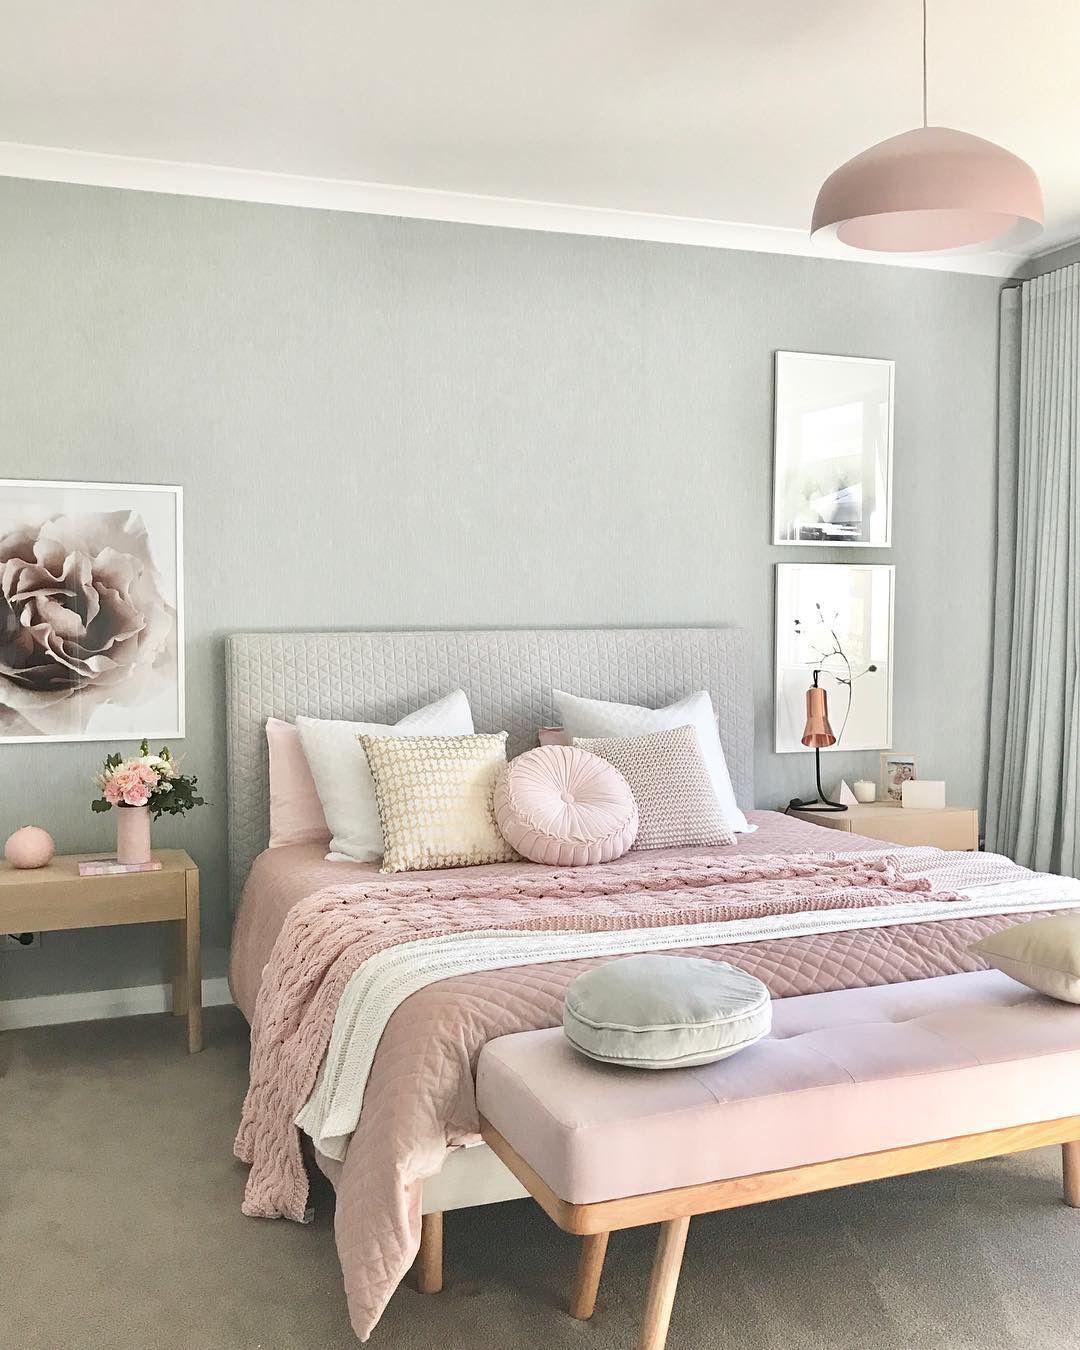 Ấn tượng với kiến trúc sư tư vấn thiết kế căn hộ 60m2 màu pastel với chi phí không quá 150 triệu đồng - Ảnh 9.